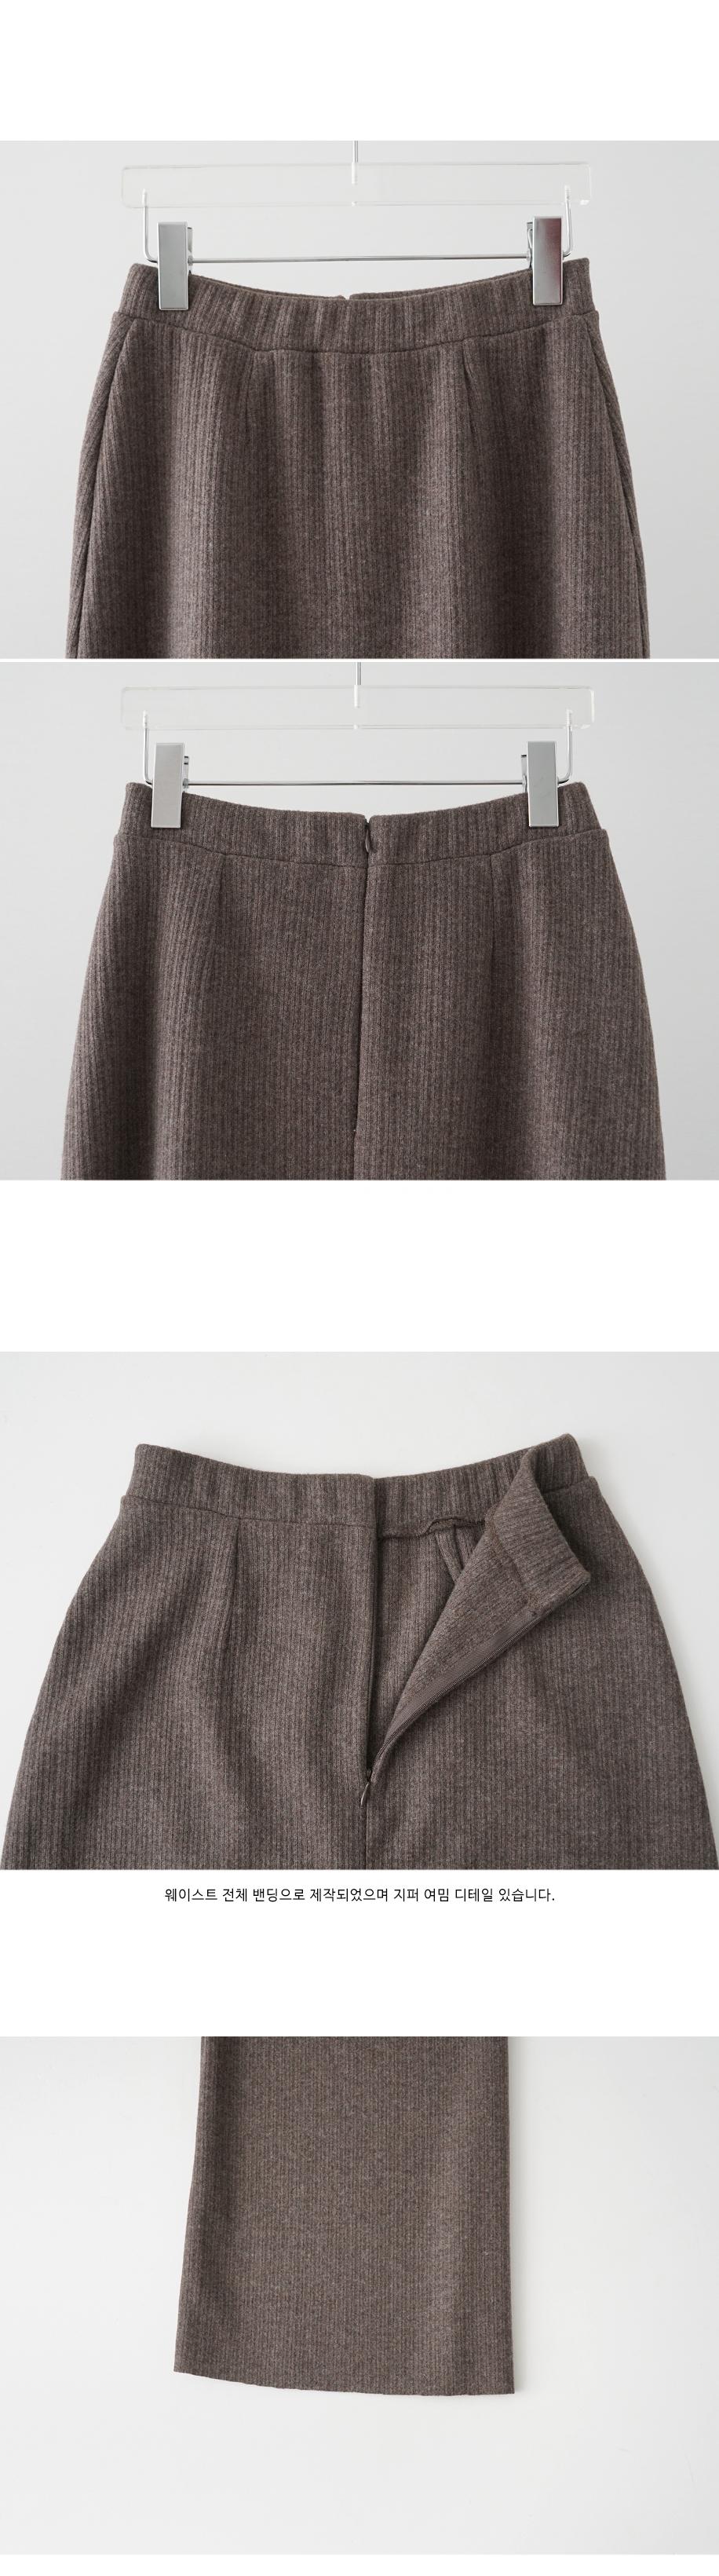 easy ribbed banding skirt